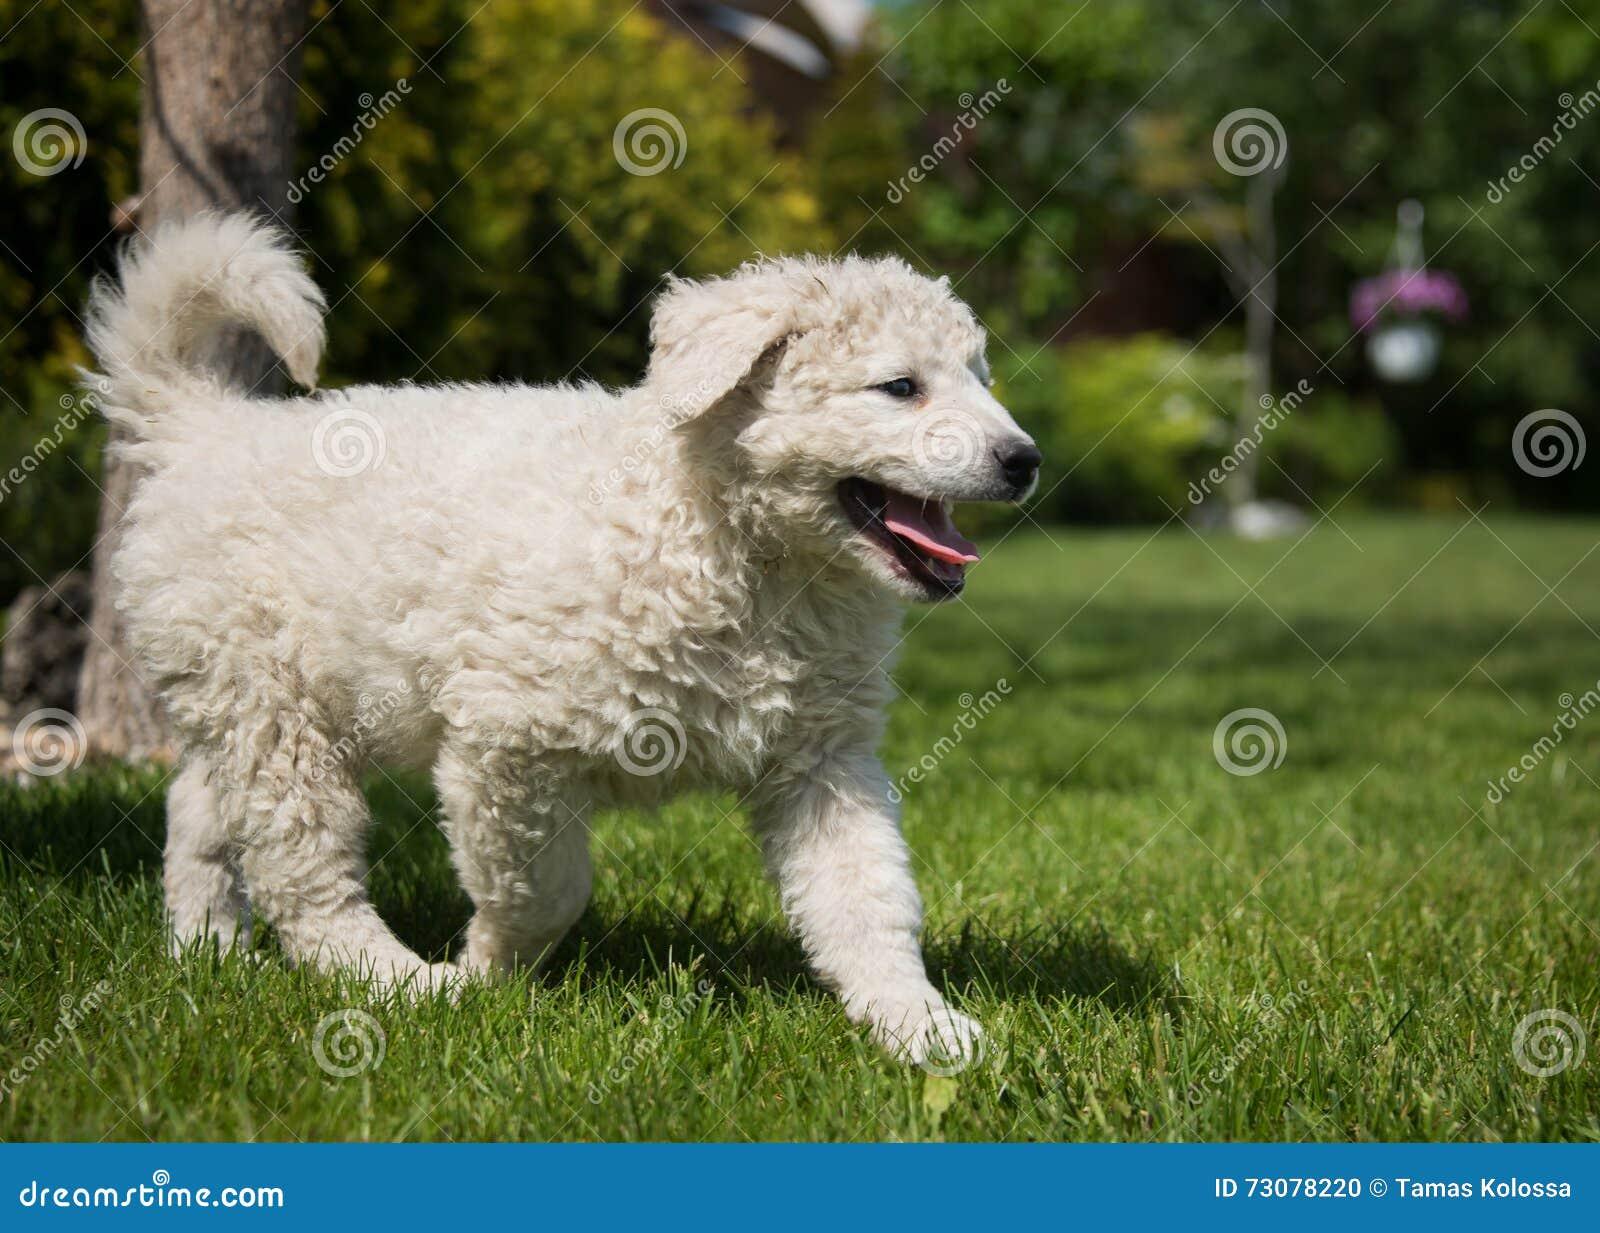 Kuvasz Puppy Stock Photo Image Of Field Hungarian Kuvasz 73078220